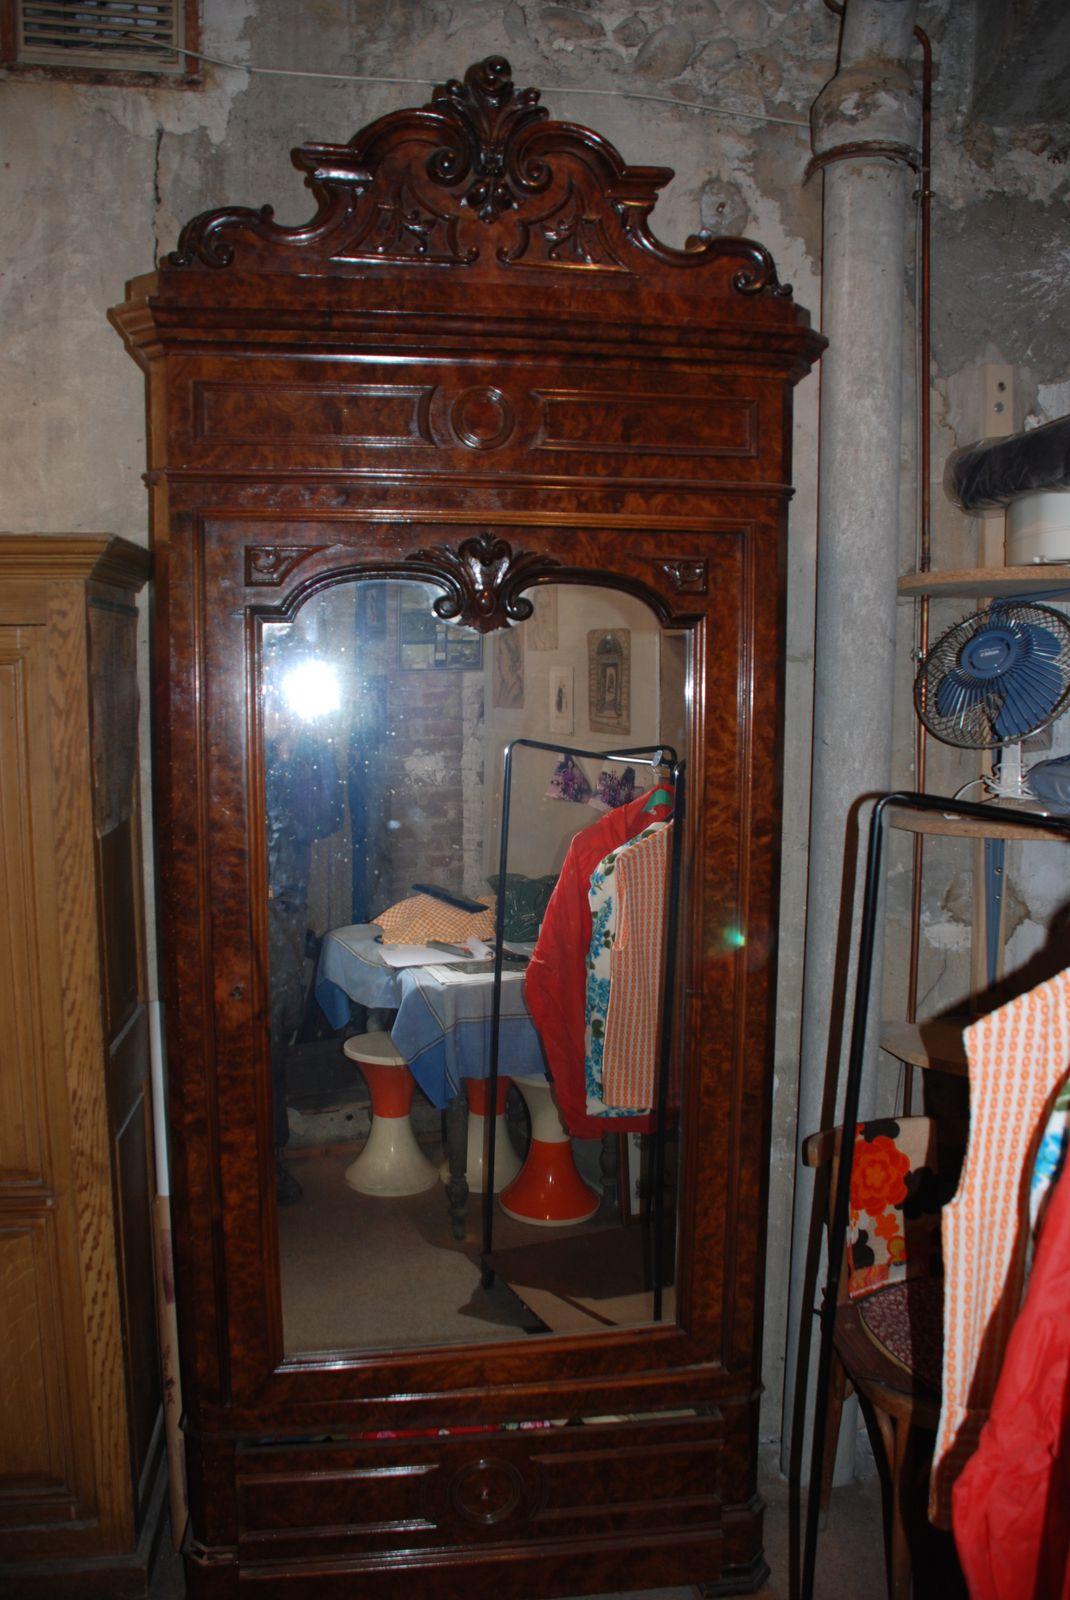 restauration d une armoire a glace d inspiration henri ii atelier pourquoi pas mobilier design sur mesures